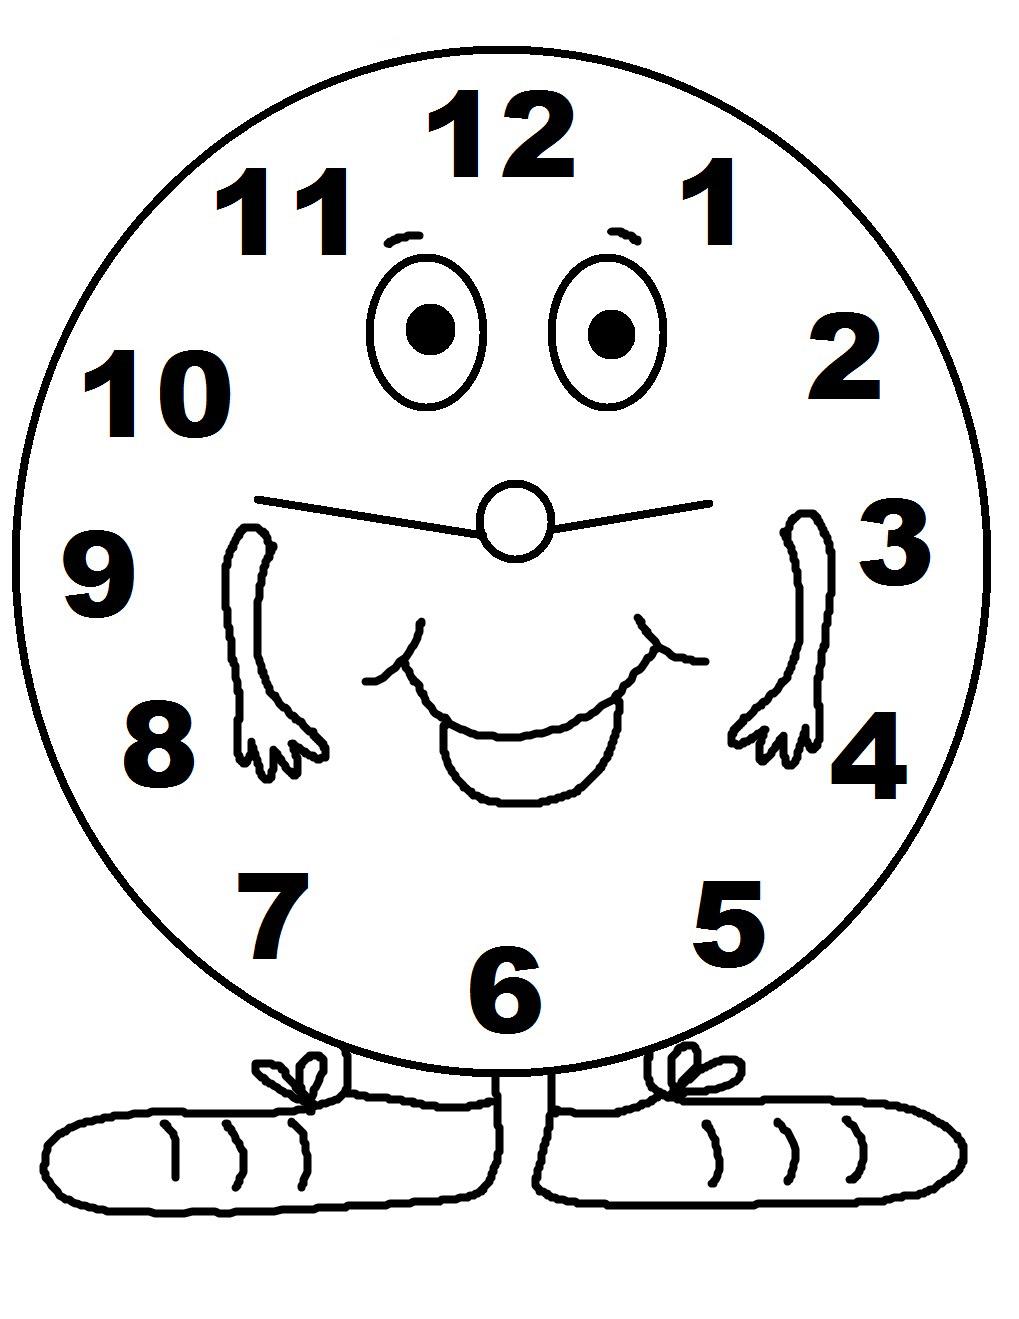 Reloj Para Colorear E Imprimir free image